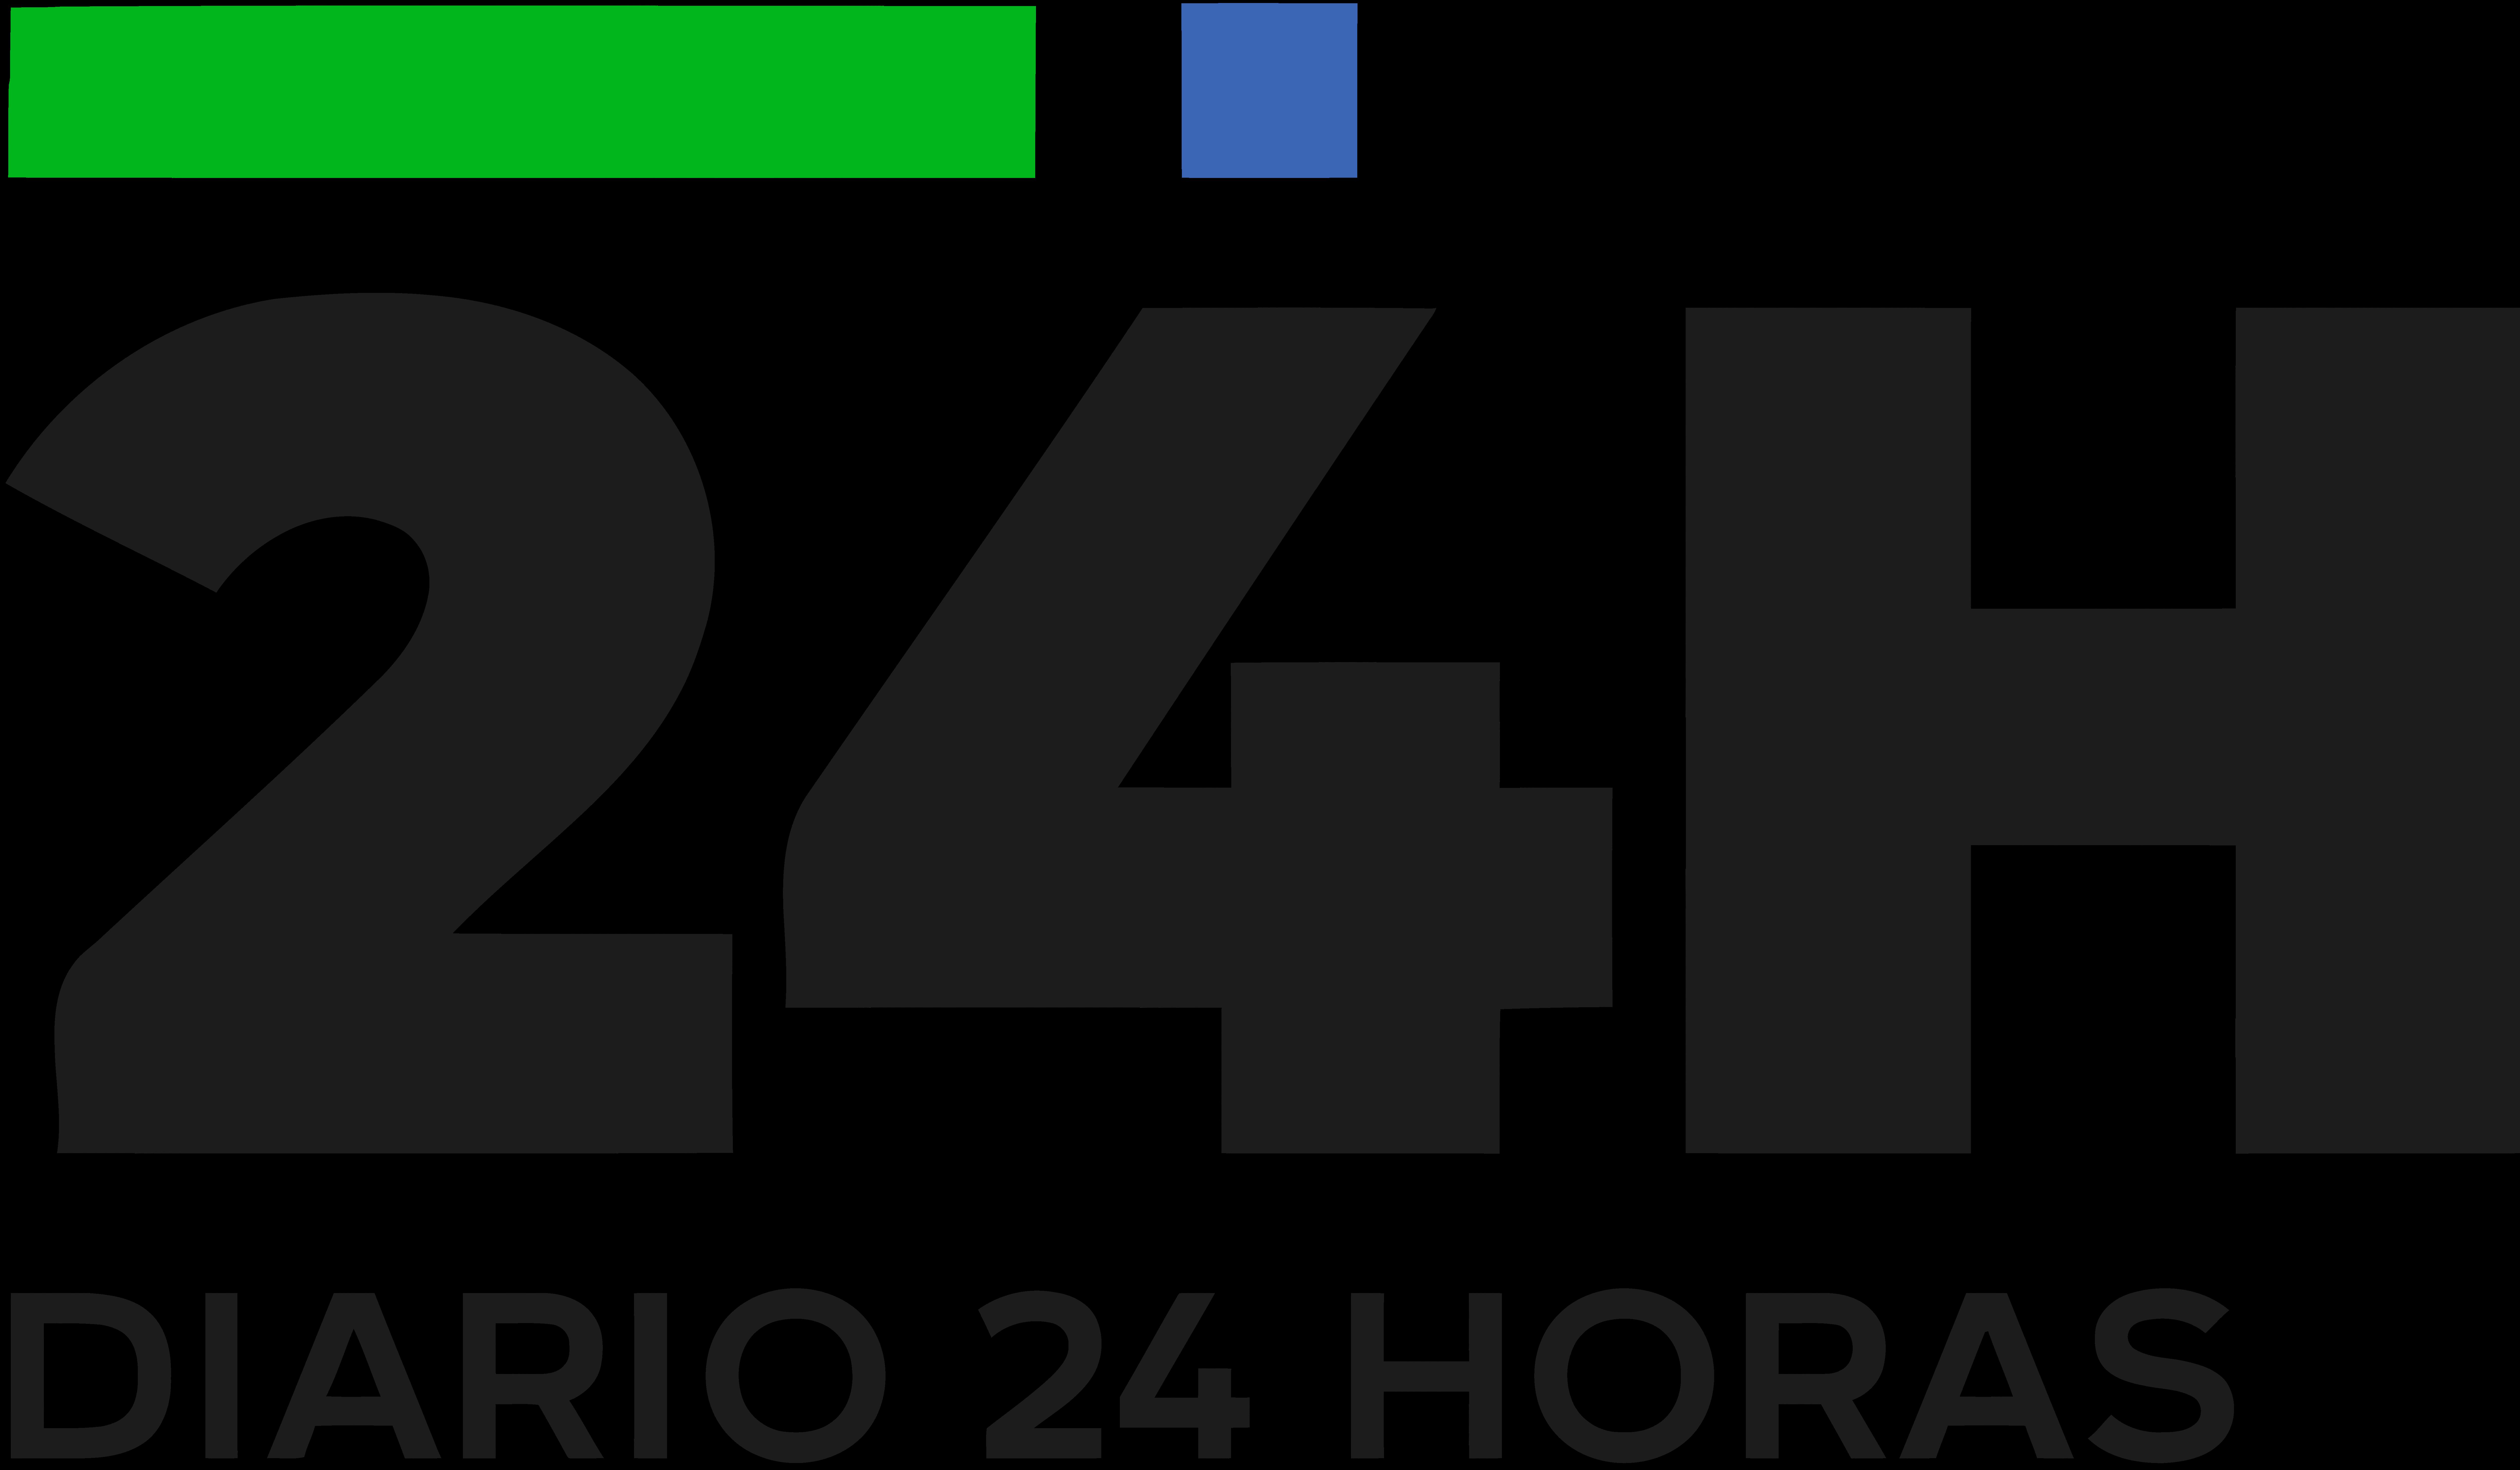 Dónde encontrar las mejores noticias de España según Diario24horas.com